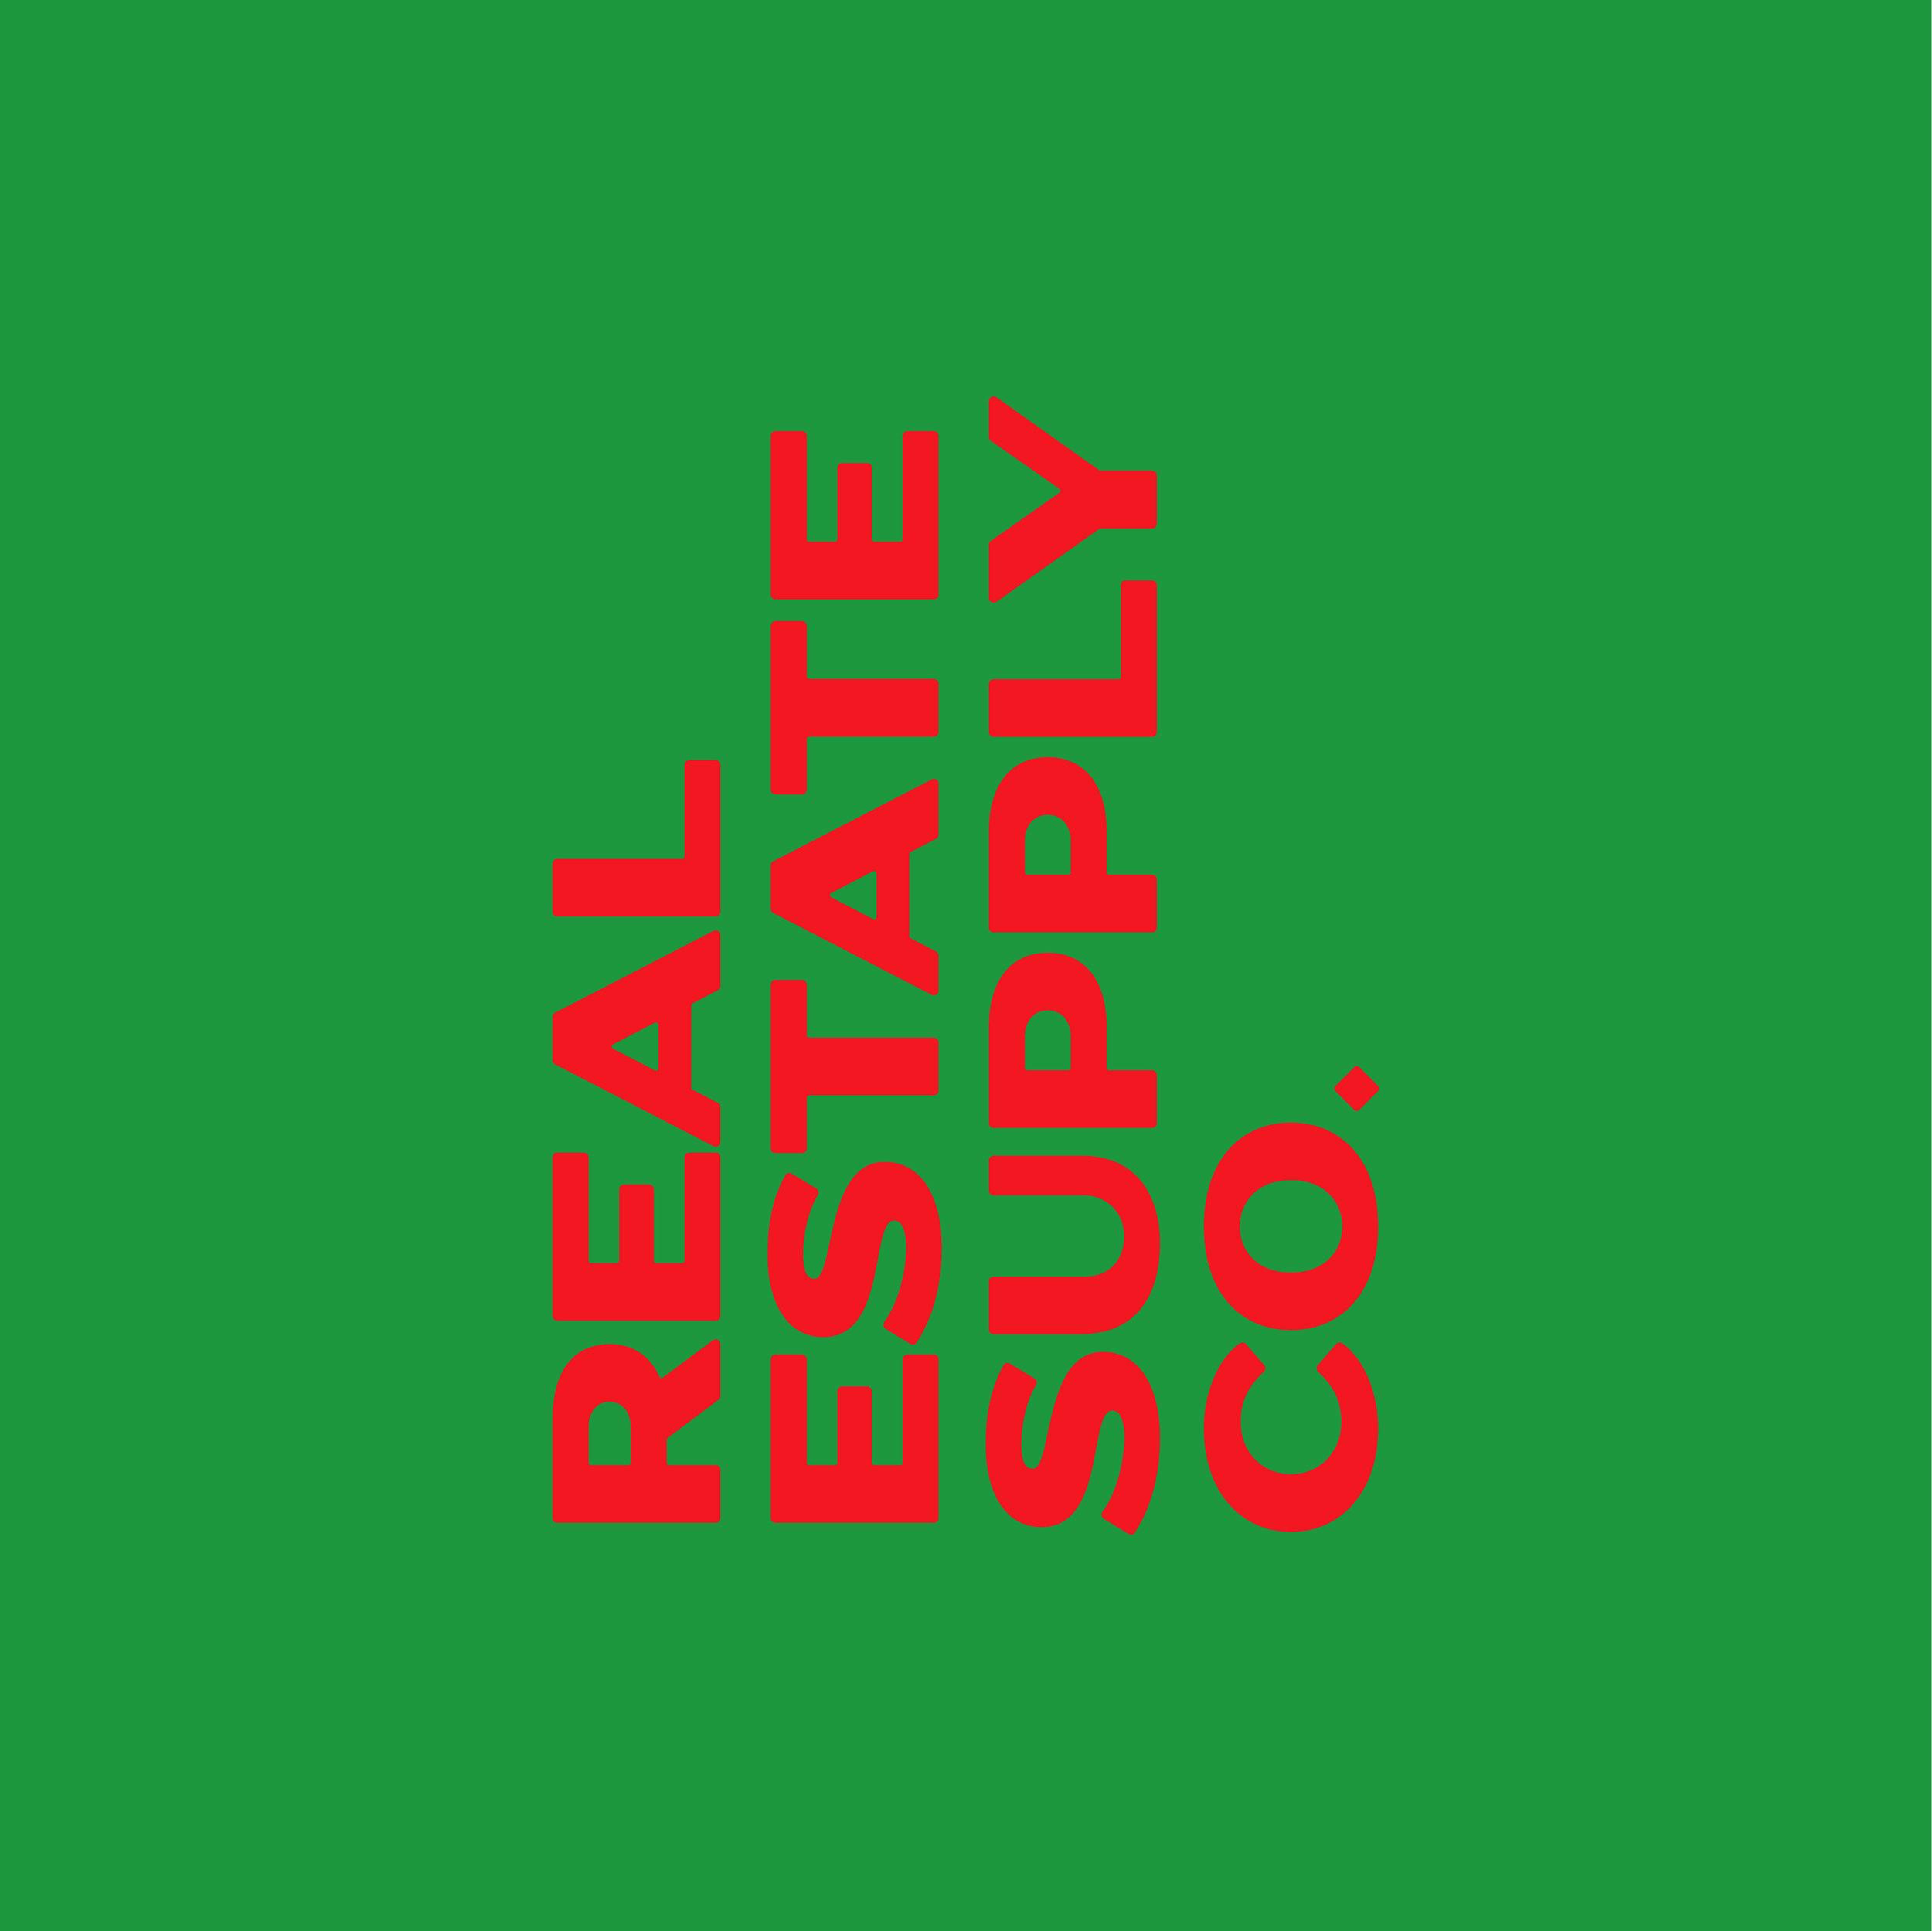 RESCO_Blocks_Brand_3.jpg